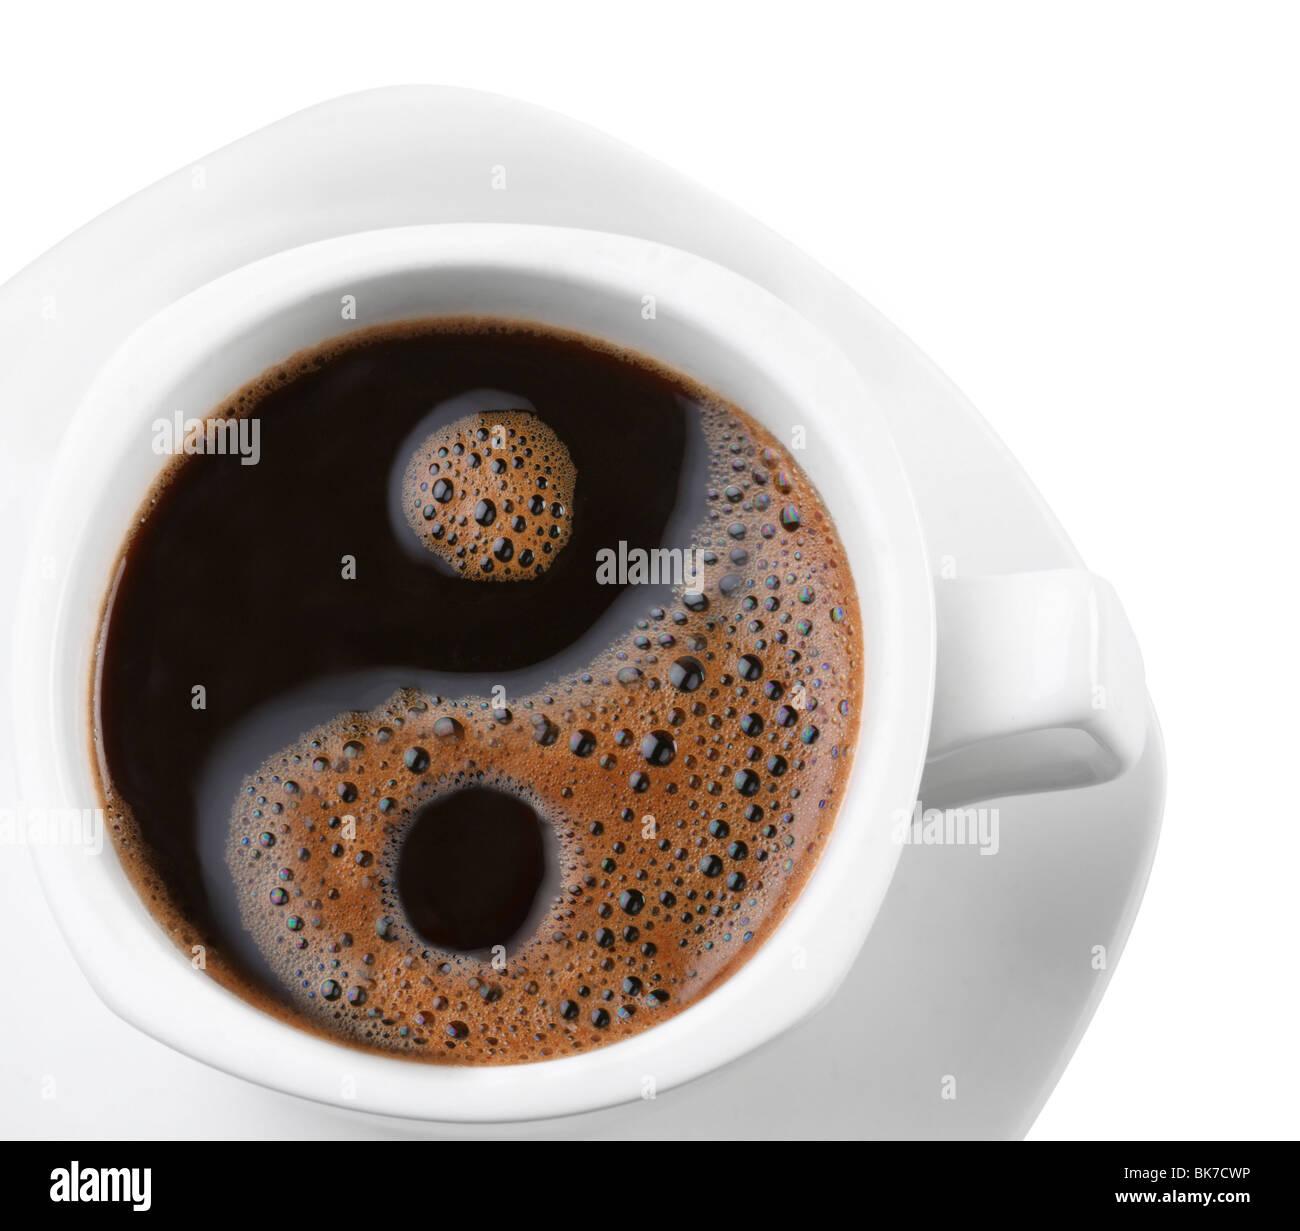 Schiuma in una tazza di caffè come un simbolo di yin yang Immagini Stock